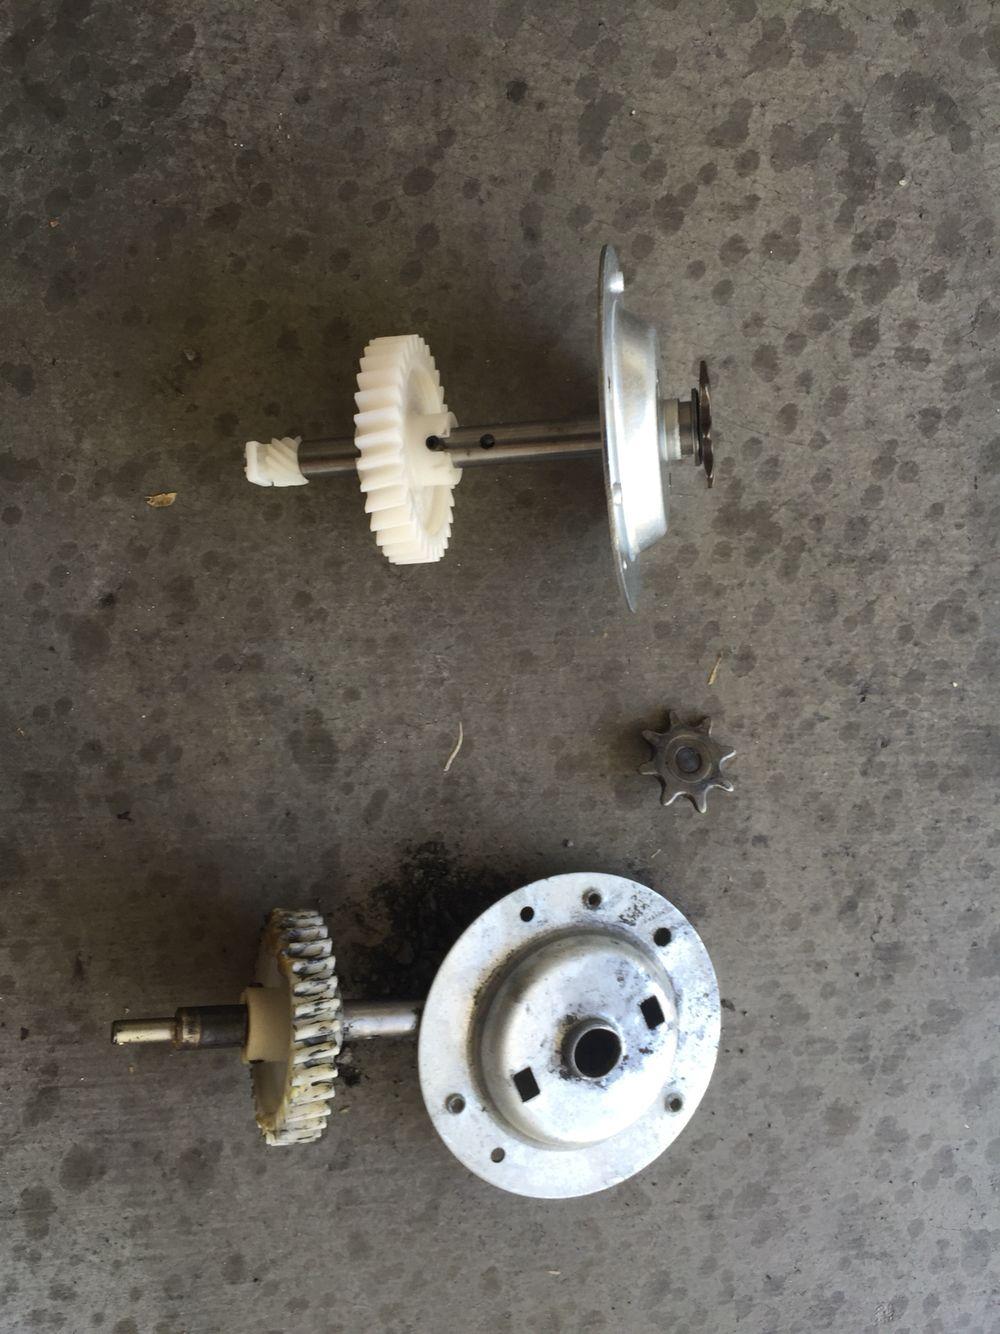 Liftmaster Chamberlain Craftsman Chain Opener Broken Gear Liftmaster Toilet Paper Holder Garage Door Repair